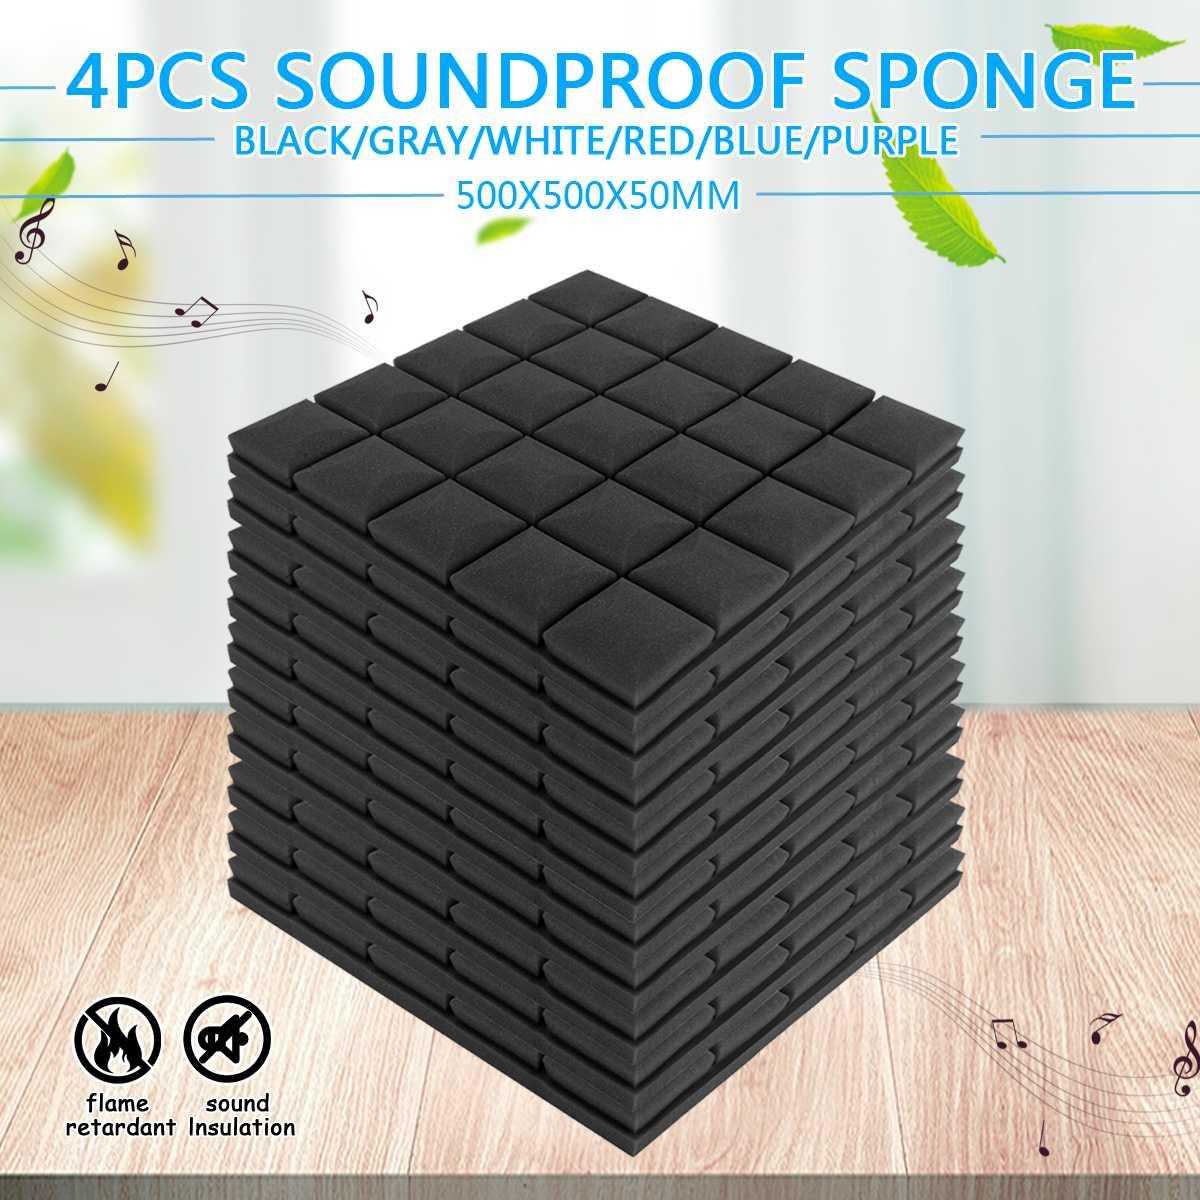 50x50x5cm Soundproof Foam Studio Acoustic Sound Absorption Treatment Panel Tile Wedge Protective Sponge